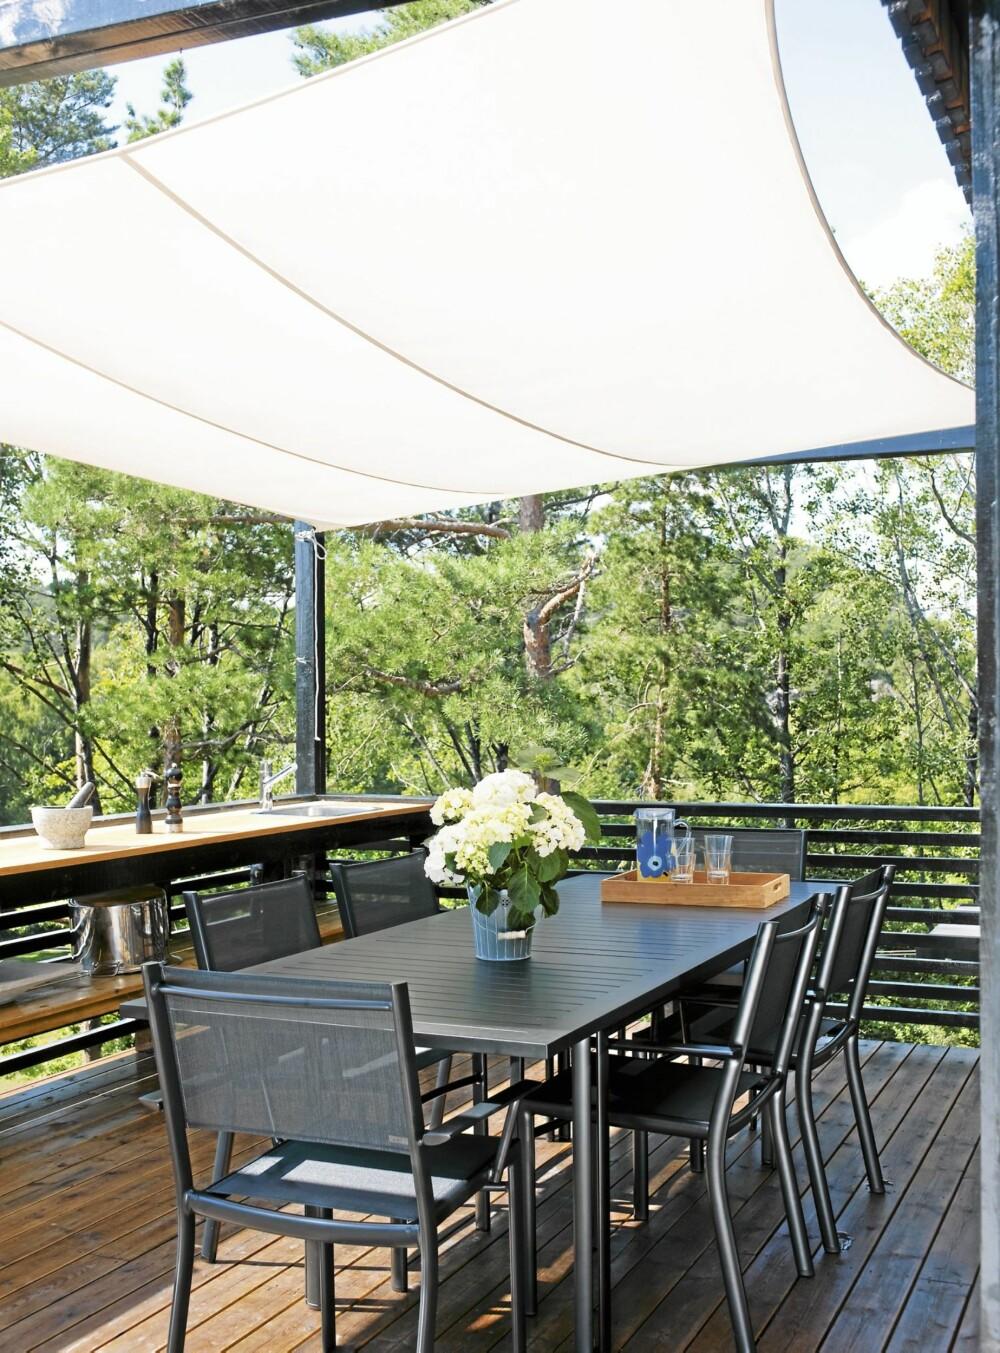 UTE Er LIKE BRA SOM INNE: Med det store solseilet er det mulig å tilberede mat og sitte ute, selv om det er litt yr i luften.